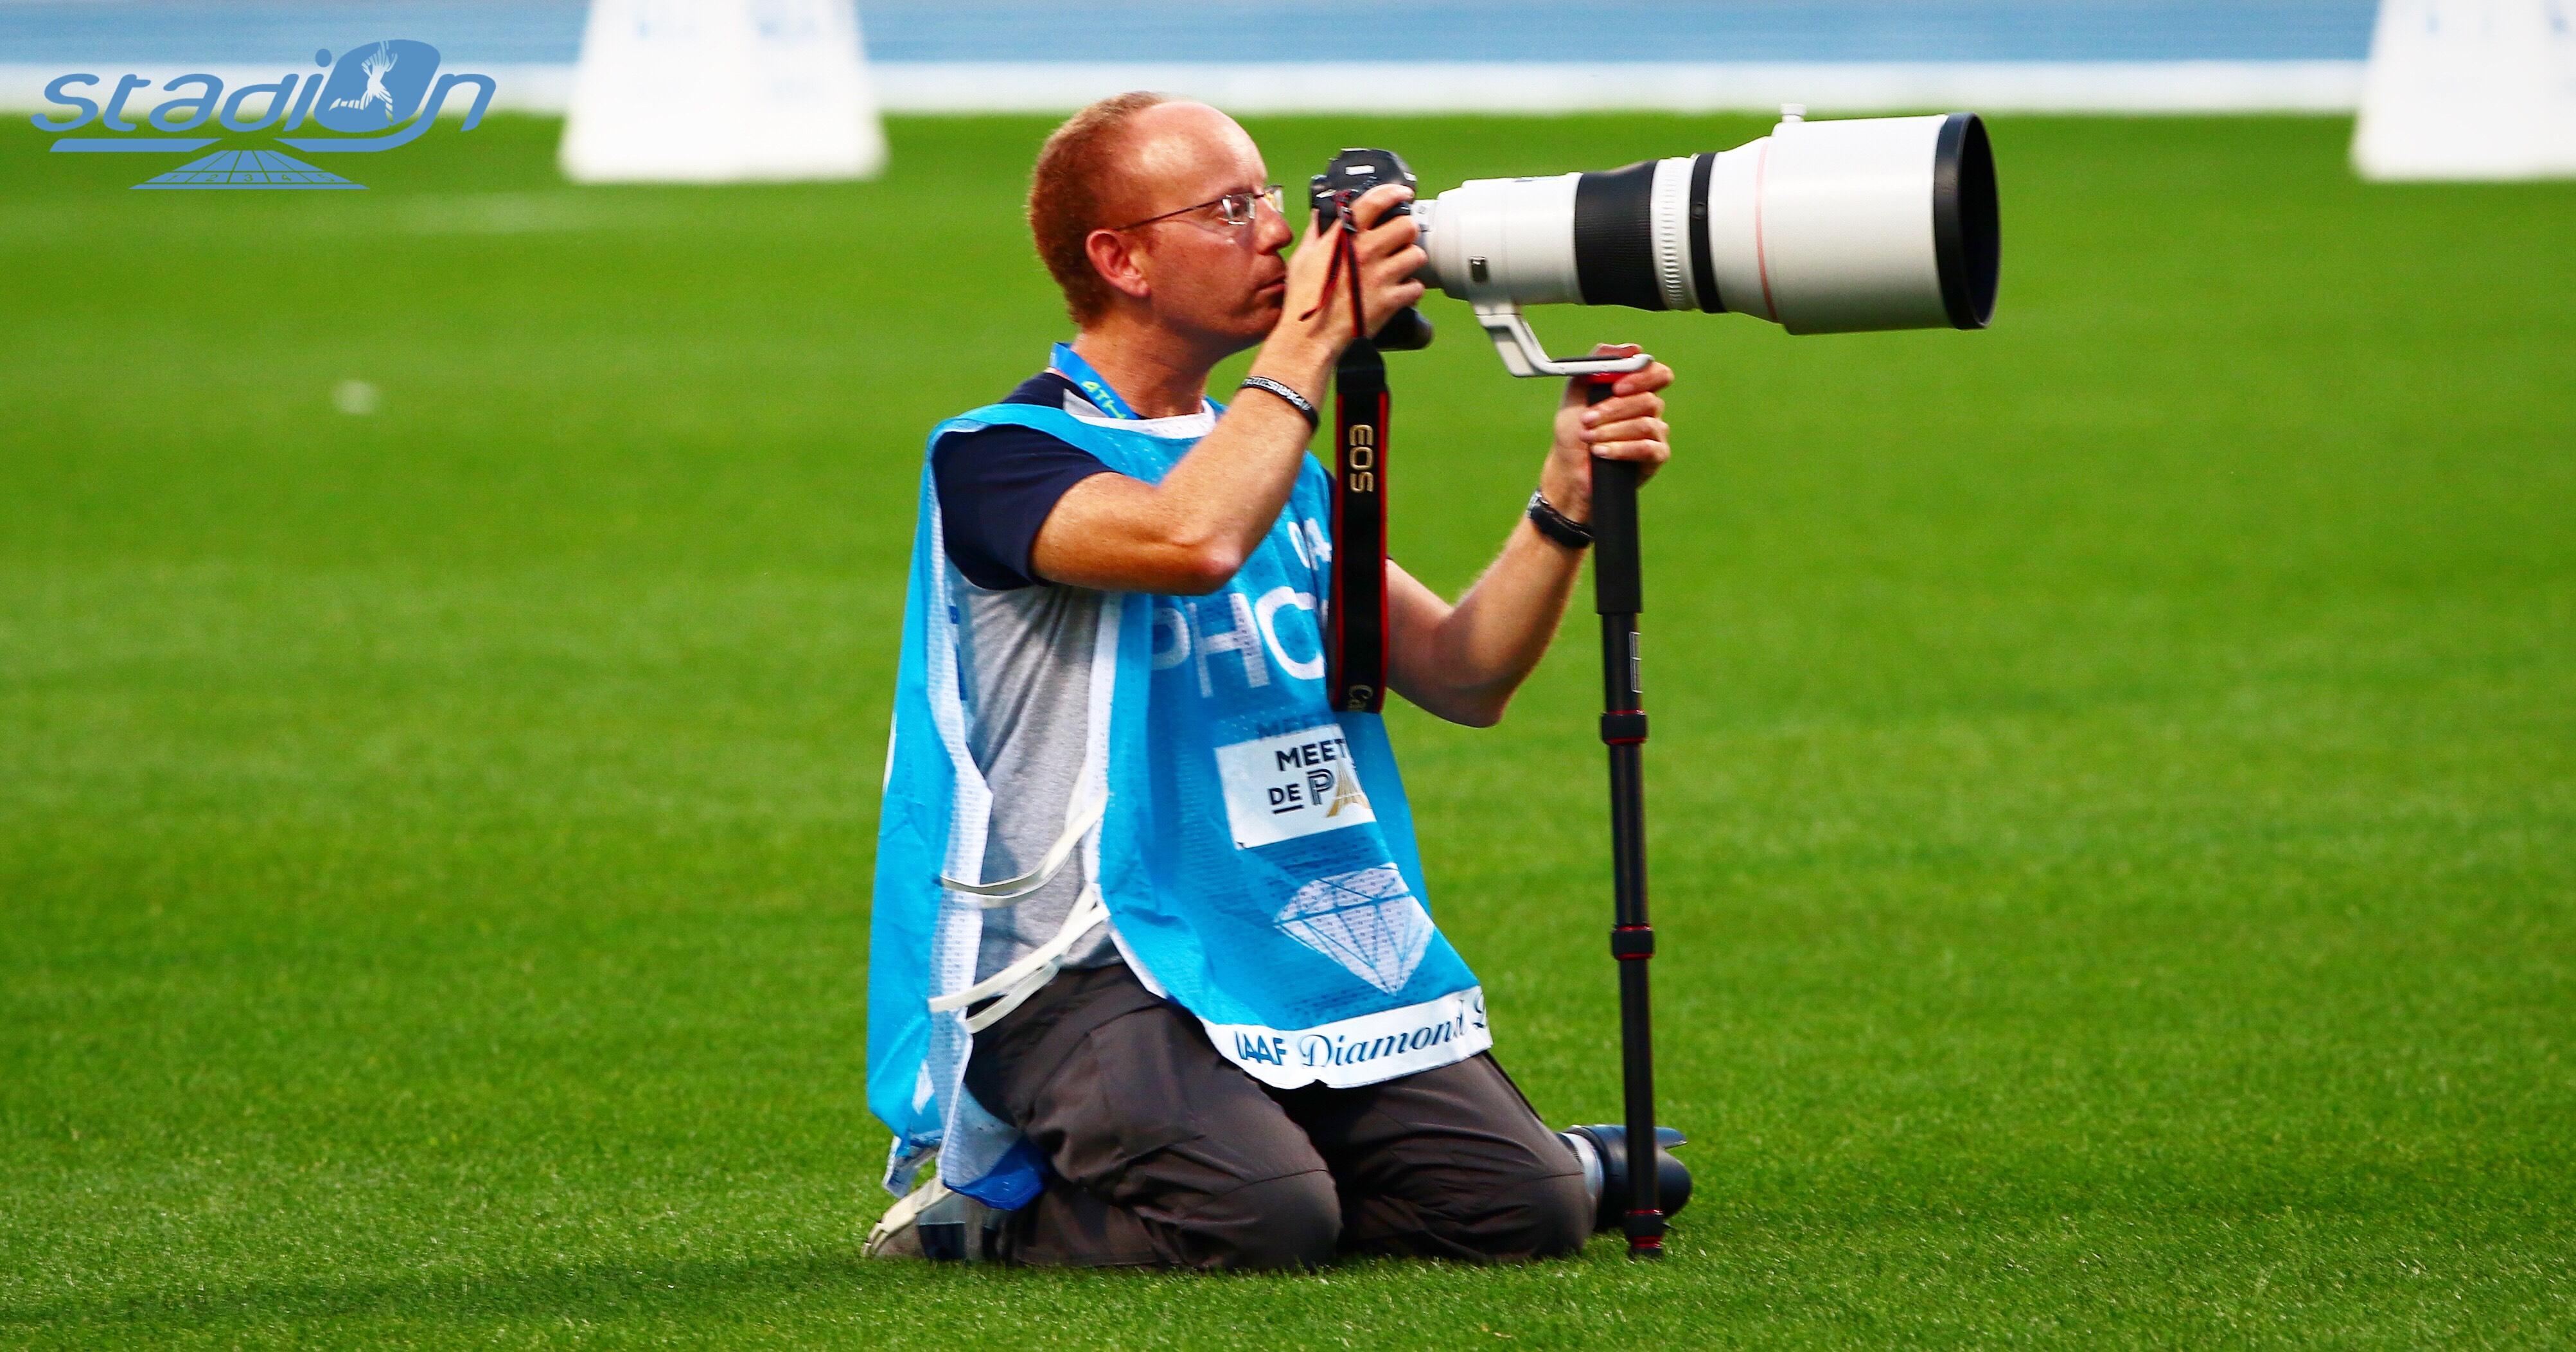 L'athlétisme dans l'objectif de Matthieu Tourault